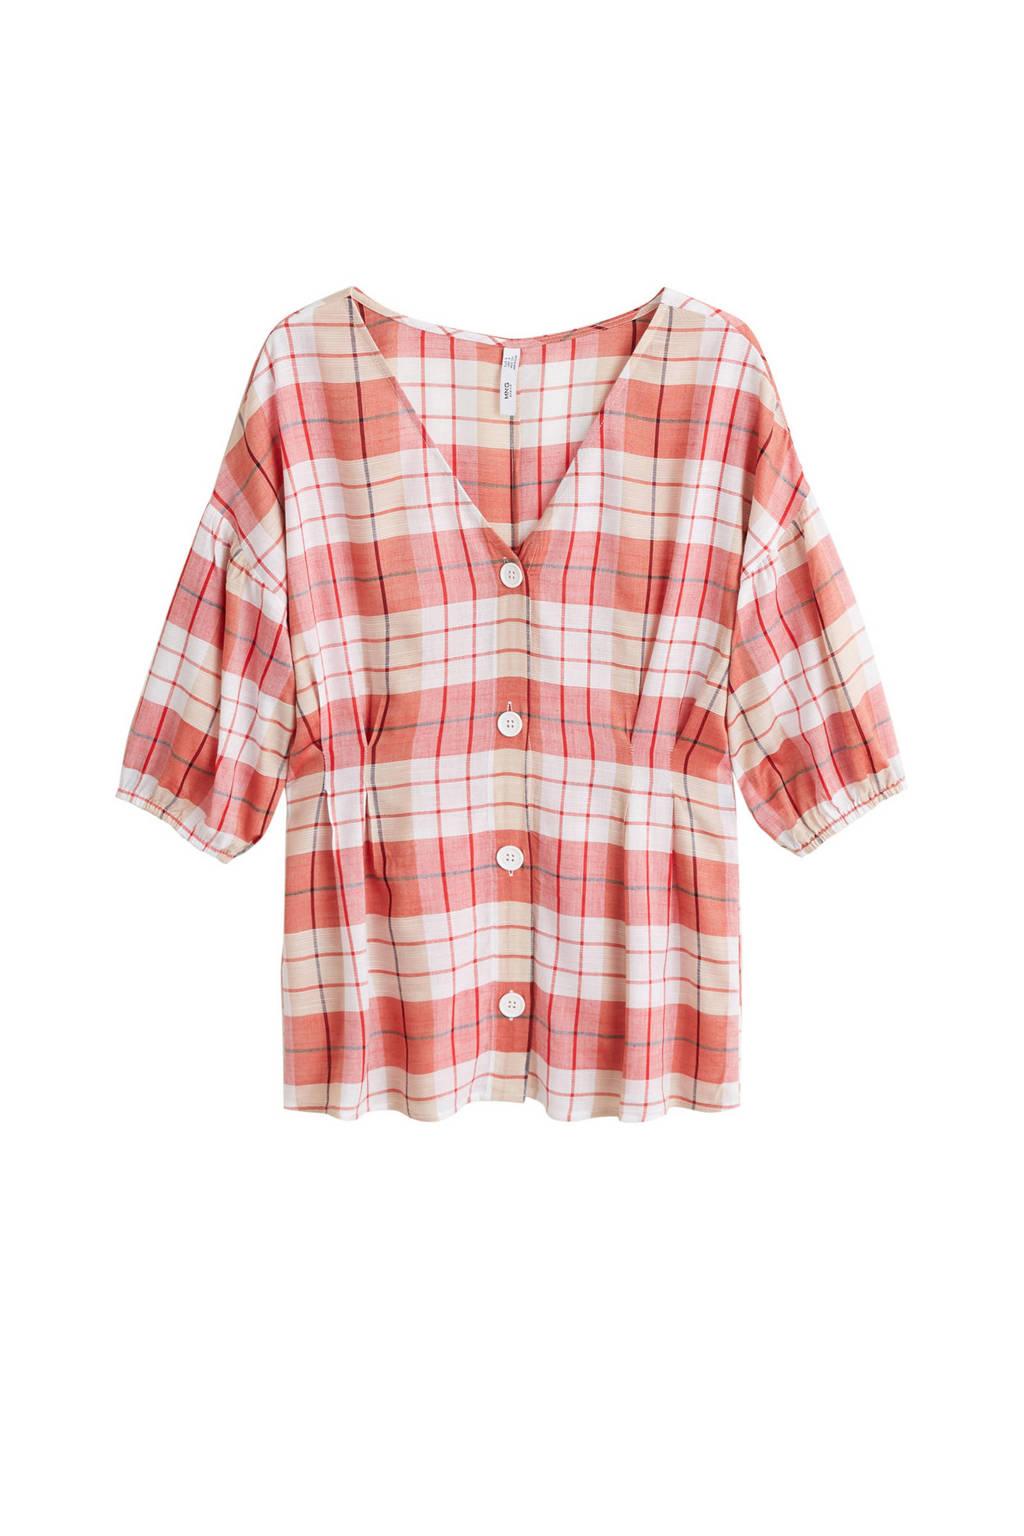 Mango blouse geruit rood, Rood/wit